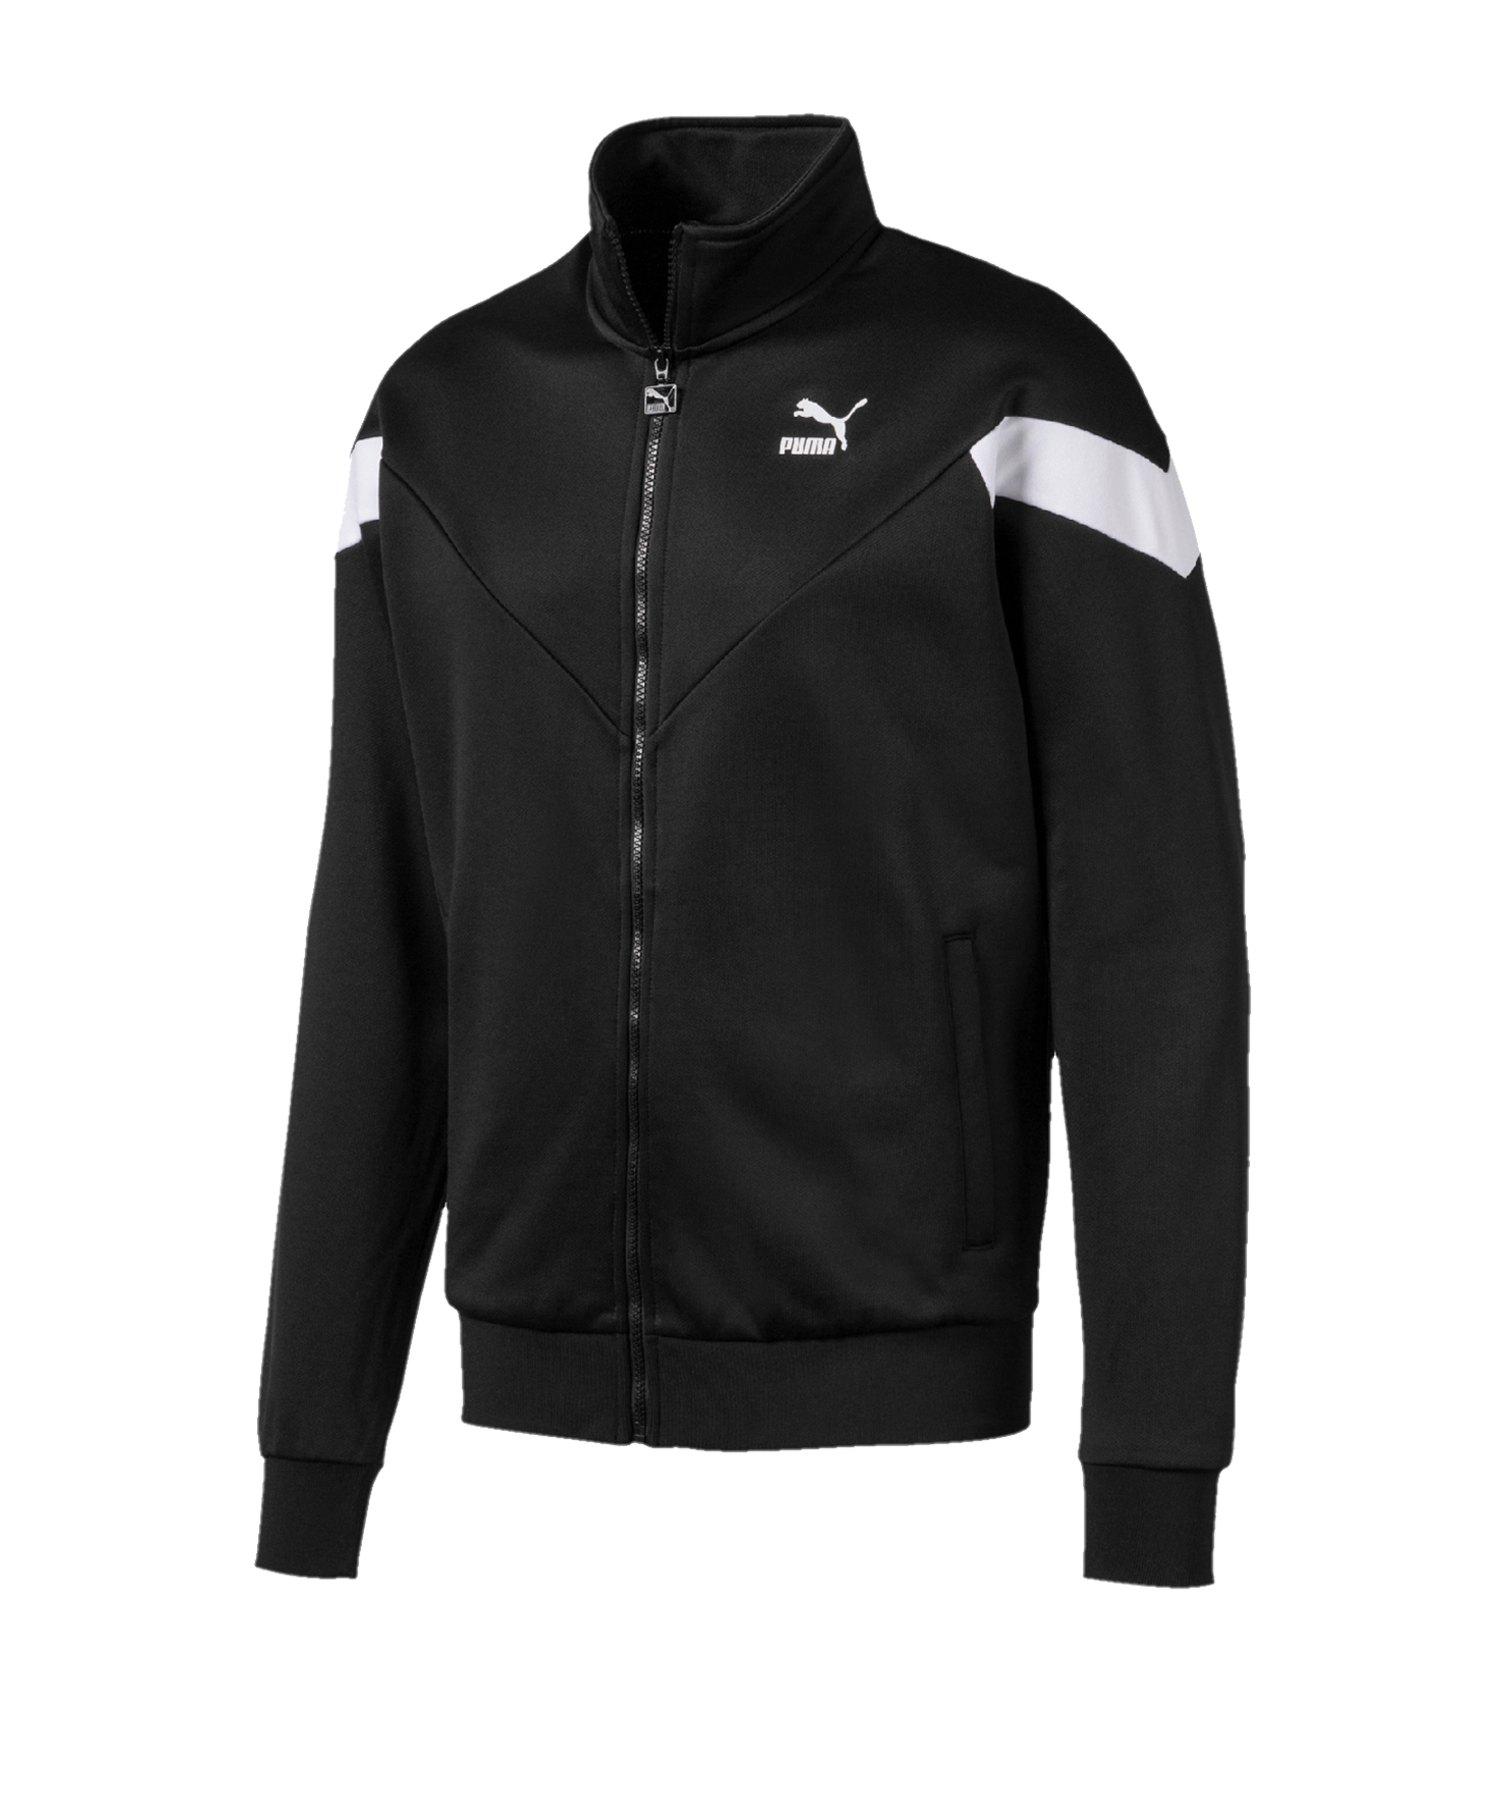 PUMA Iconic MCS Track Jacket Jacke Schwarz F01 - Schwarz